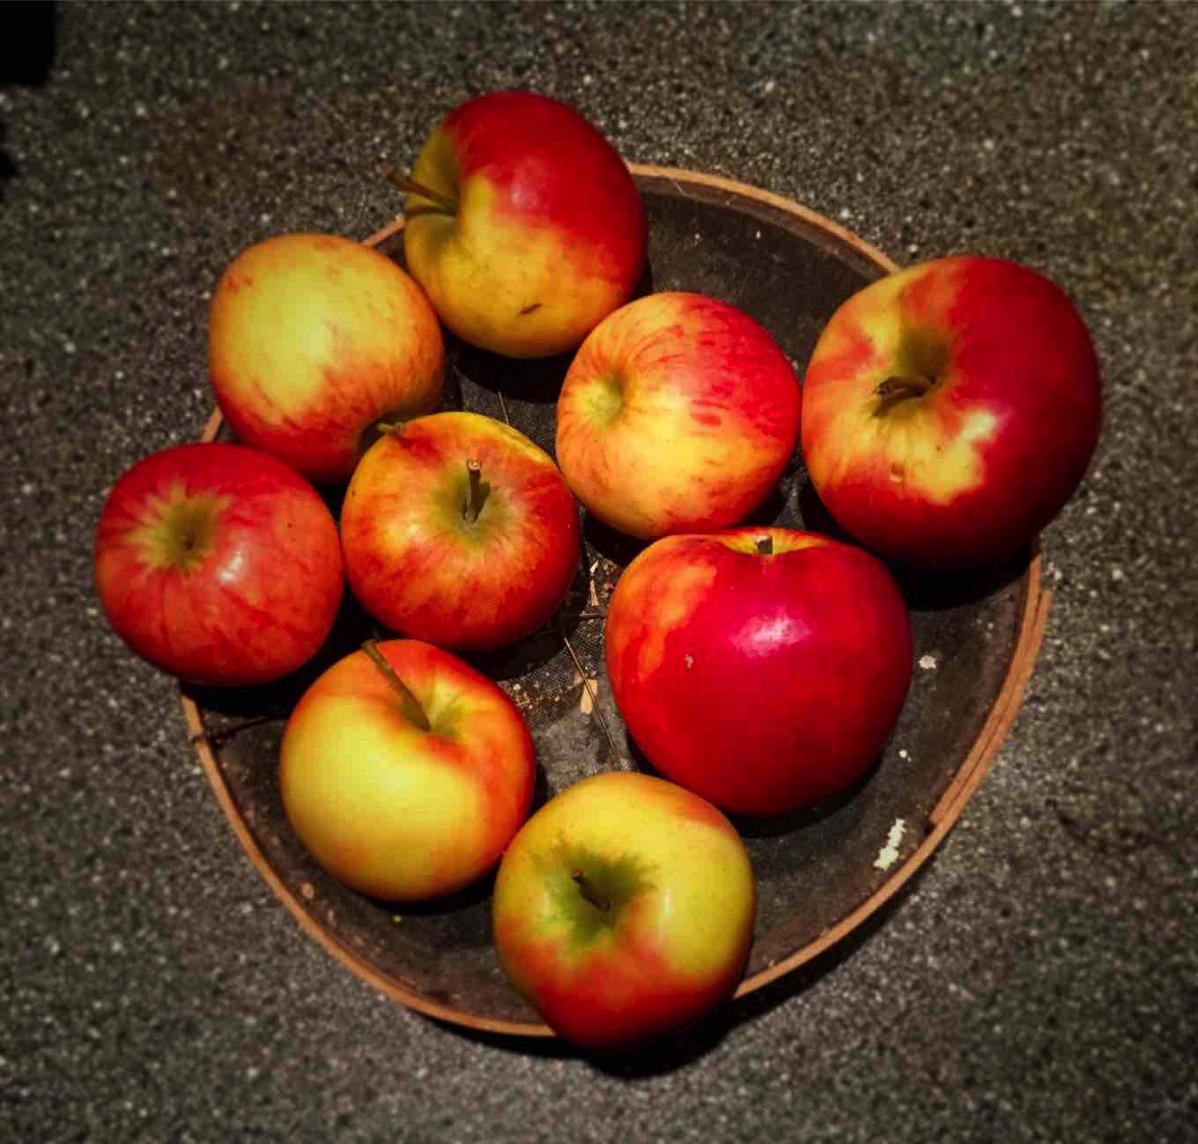 Neu rot-gelbe Äpfel liegen auf einer Tischplatte